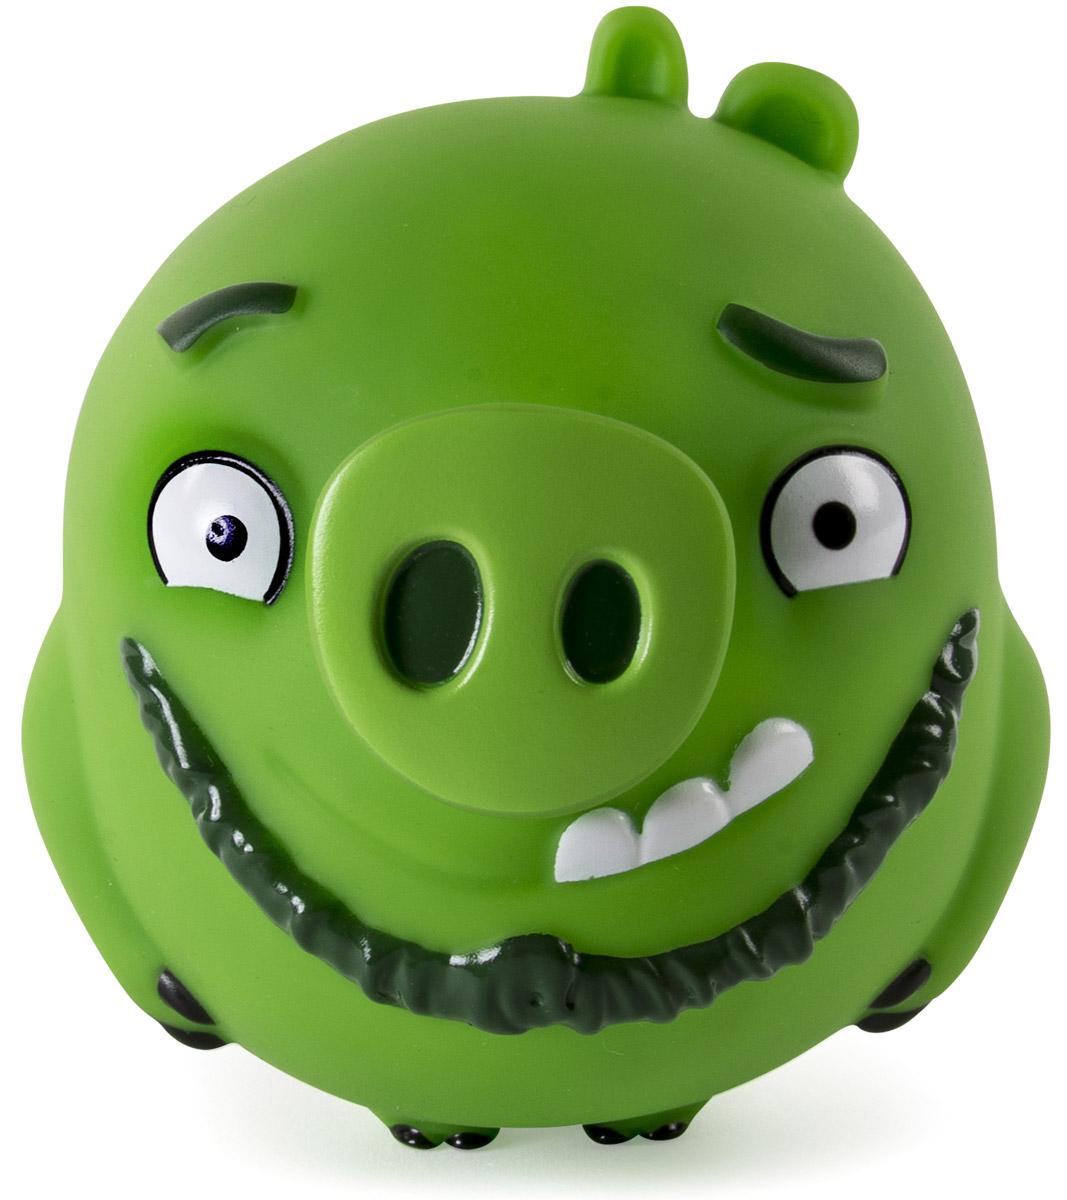 Angry Birds Фигурка Свинка-шарик Leonard90503_LeonardПтичка-шарик Angry Birds Leonard создана по мотивам популярнейшей во всем мире компьютерной игры Angry Birds! Эта игра настолько полюбилась и детям, и взрослым, что по ее сюжету стали рисовать мультфильмы. И вот, наконец, созданы игрушки в виде этих смешных персонажей, которыми можно кидаться, запускать из рогаток и играть как с обычными мячиками! Игрушка представляет собой шарообразный мячик размером около 10 см, изготовленный из винила, в виде зеленой свиньи. Мячик очень упругий, но достаточно мягкий - легко сжимается в руке, прыгает, отскакивает от поверхностей. Пригласите друзей и устройте собственную битву птичек и поросят!